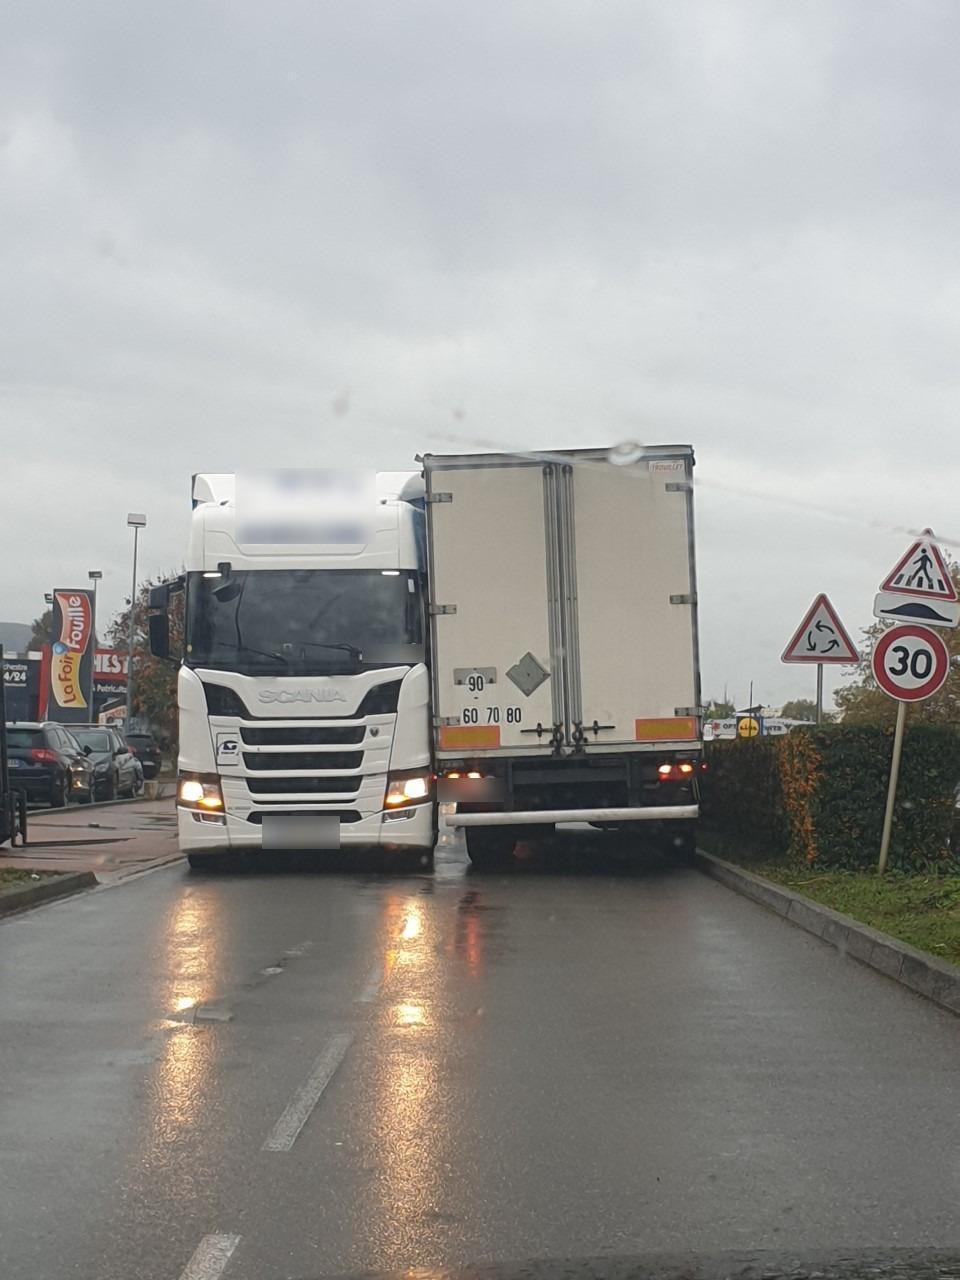 Deux camions paralysent une partie de la zone d'Anthy